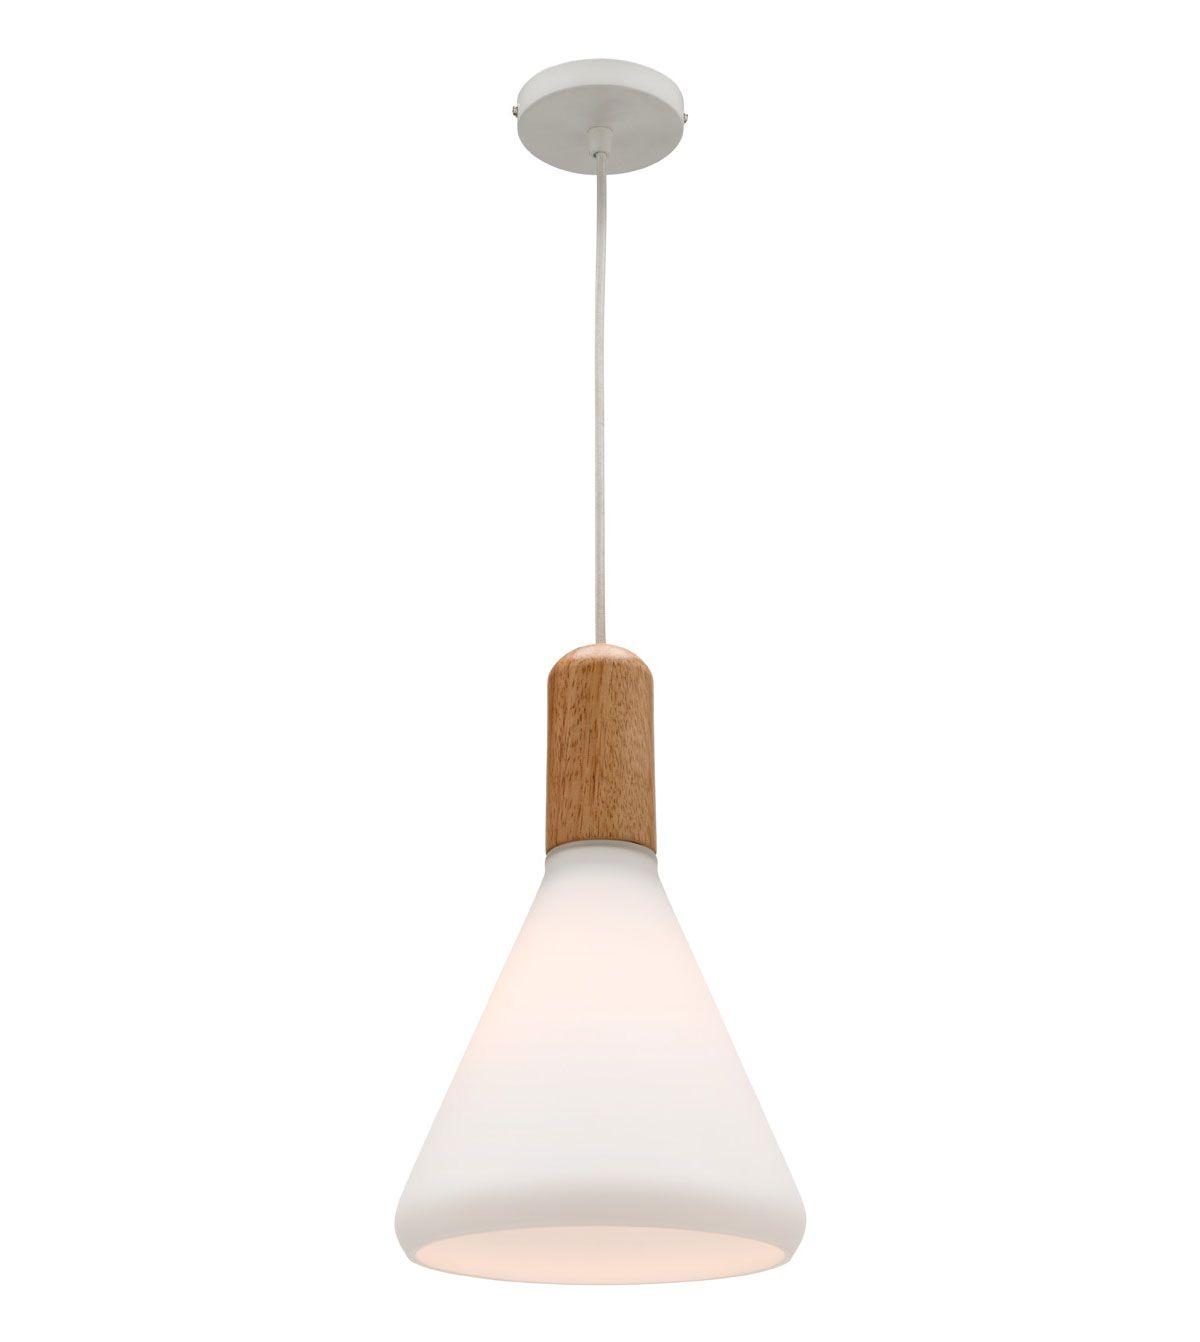 Buy Telbix Australias Assan 1 Light Small Pendant at